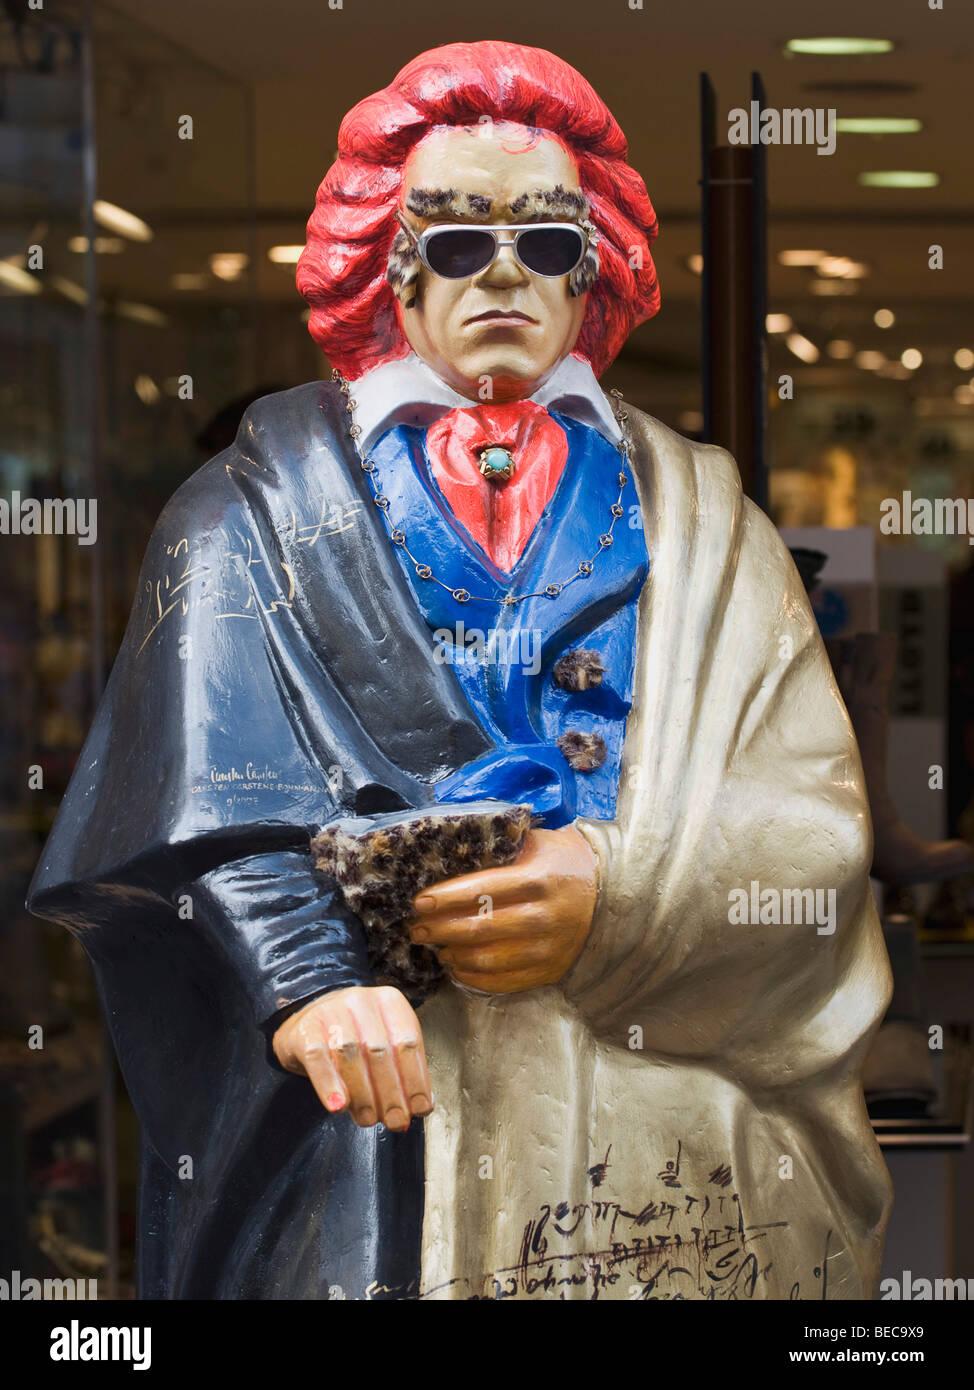 Beethoven-Statue mit roten Haaren, Sonnenbrille und bunte Kleidung vor einer Verkaufsstelle Stockbild